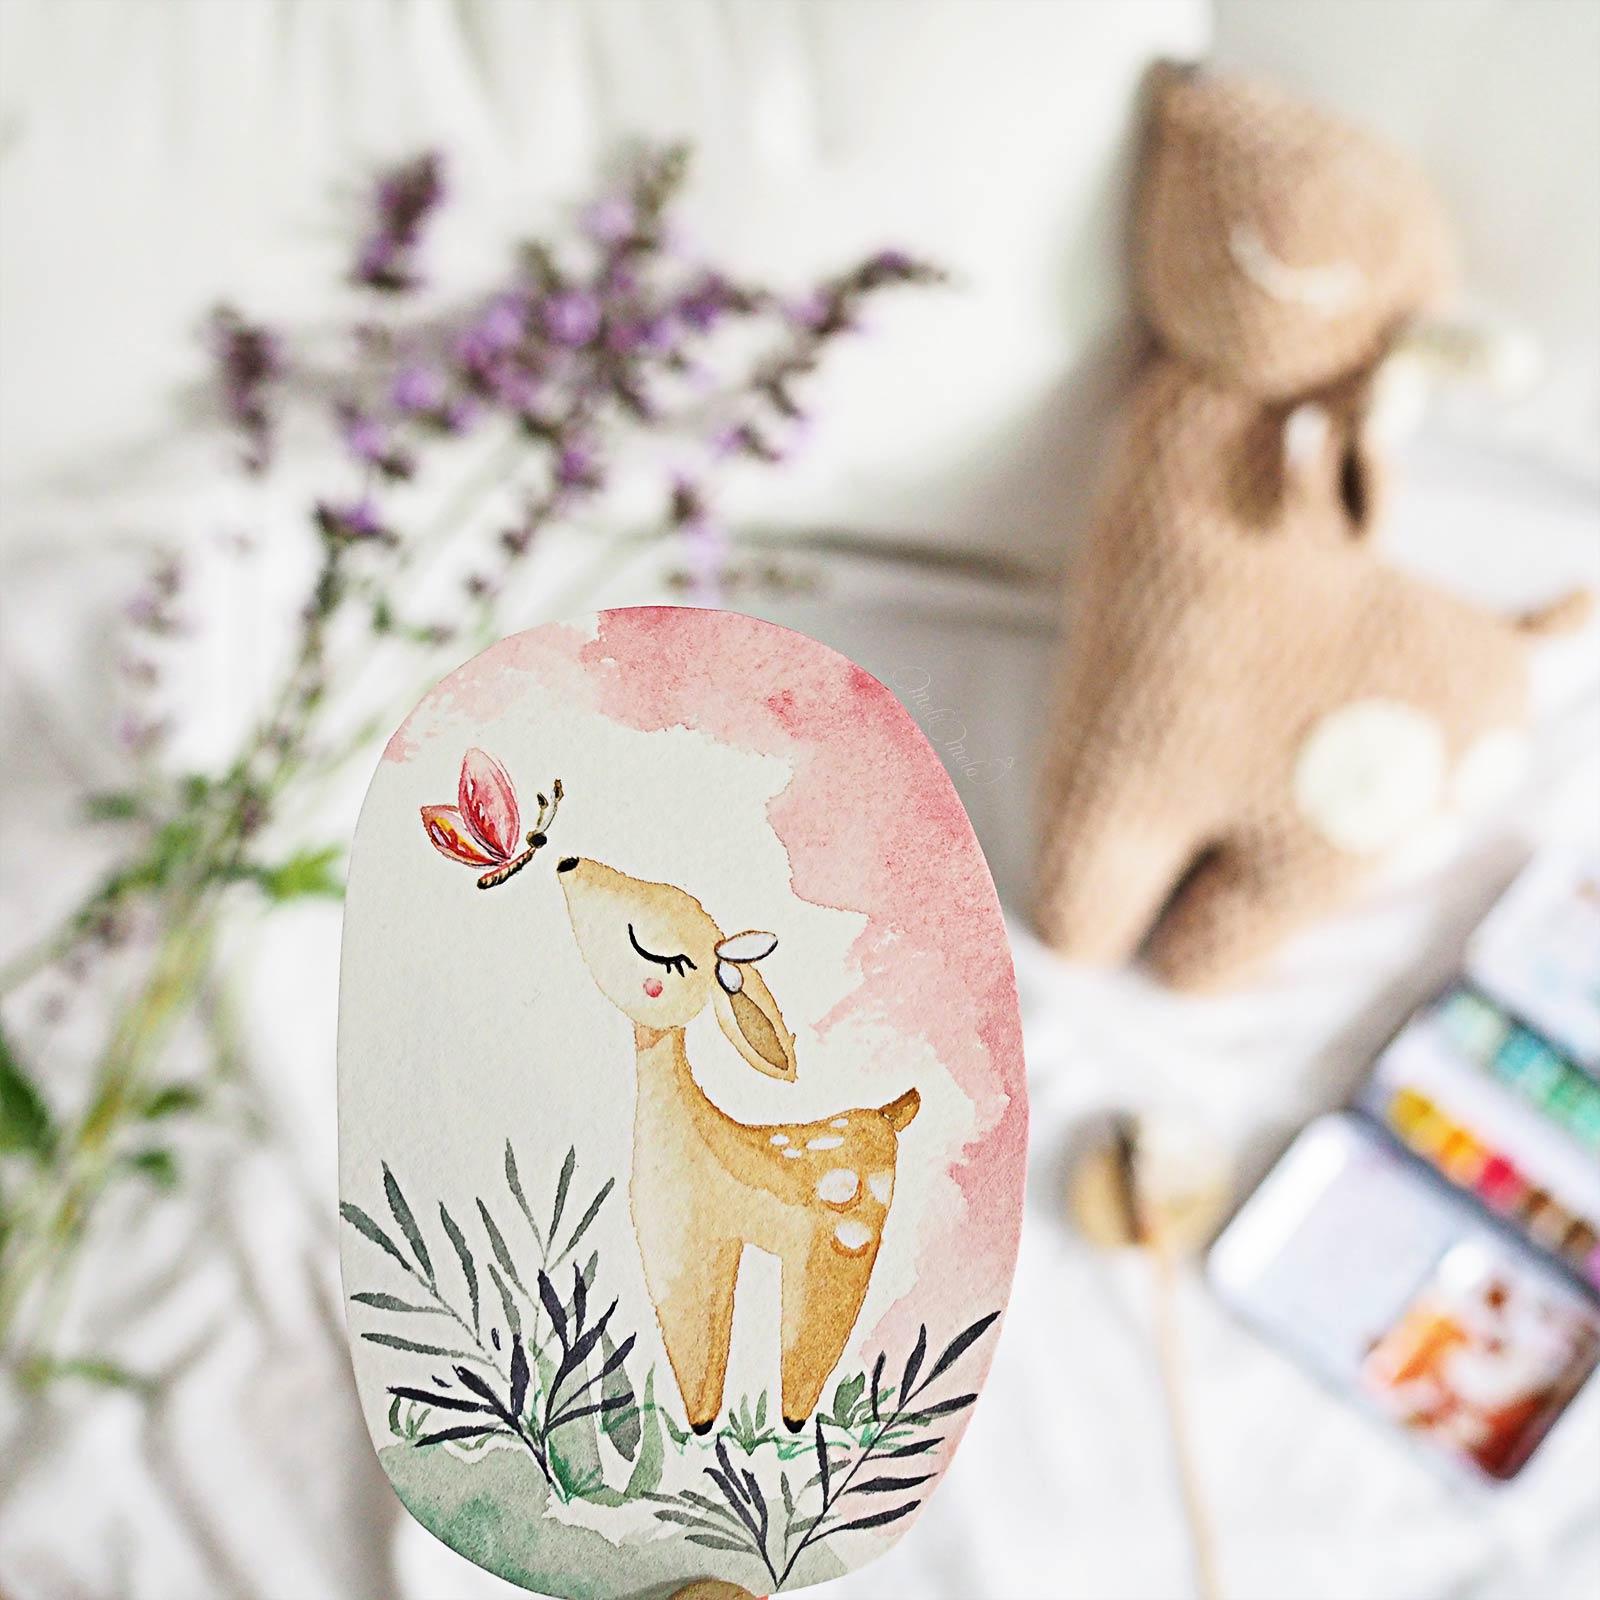 aquarelle biche sennelier papier watercolor confections pastel dreams laboutiquedemelimelo